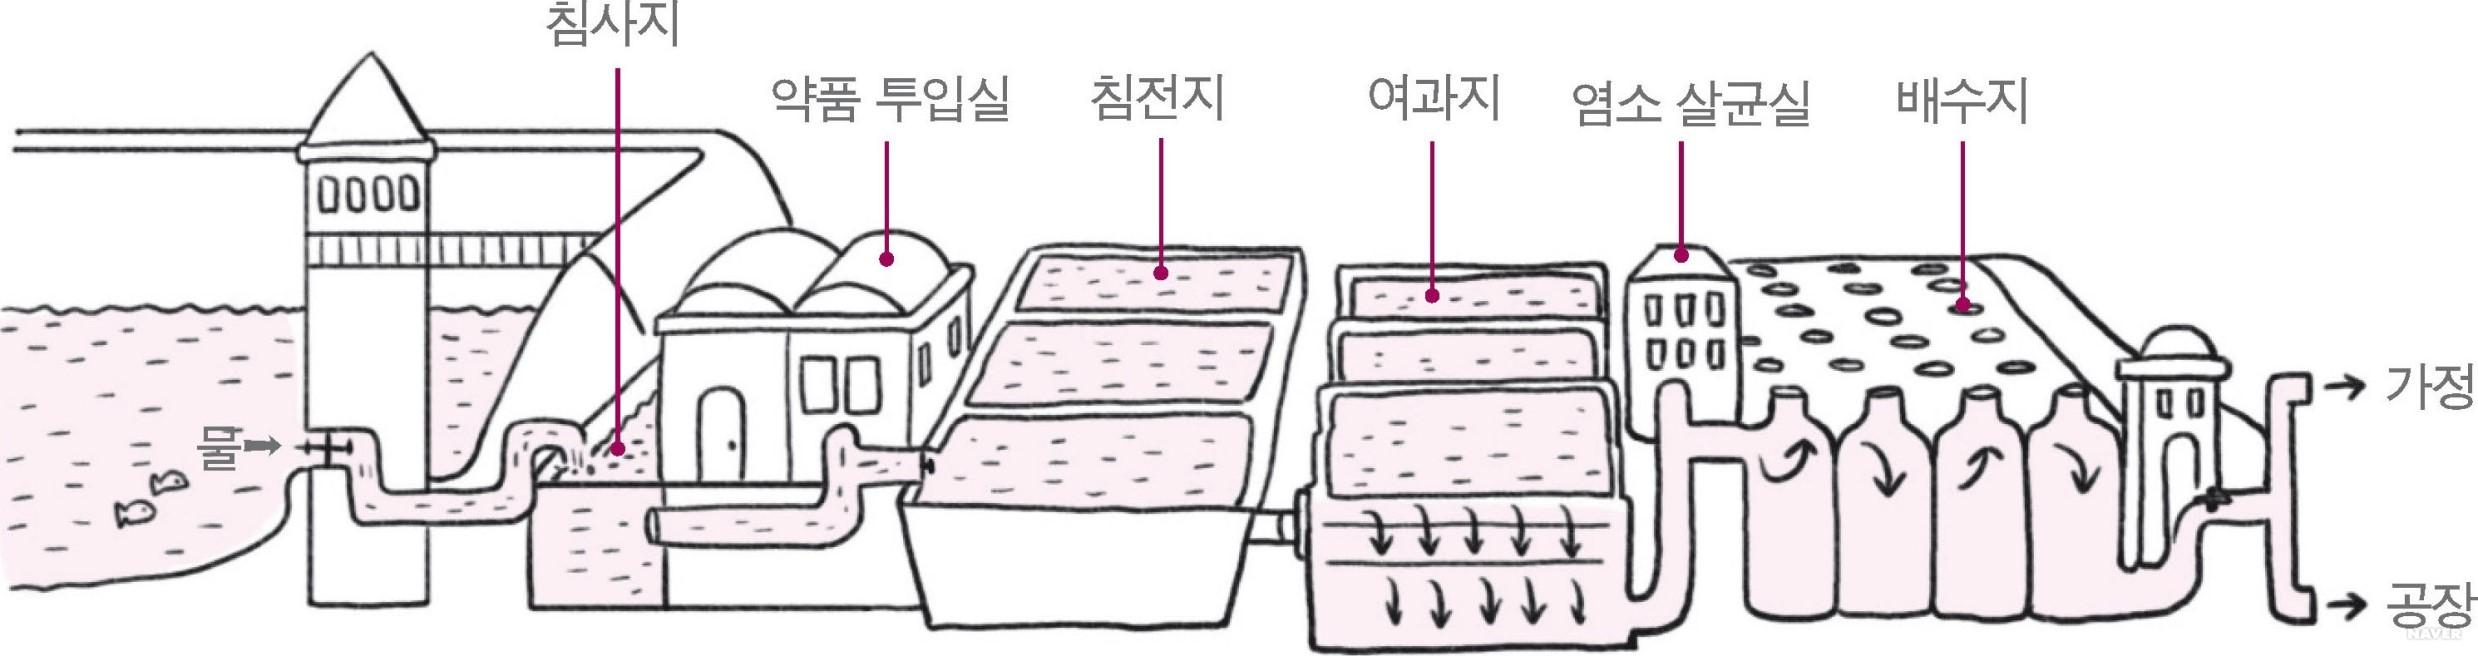 수돗물의 정수 과정